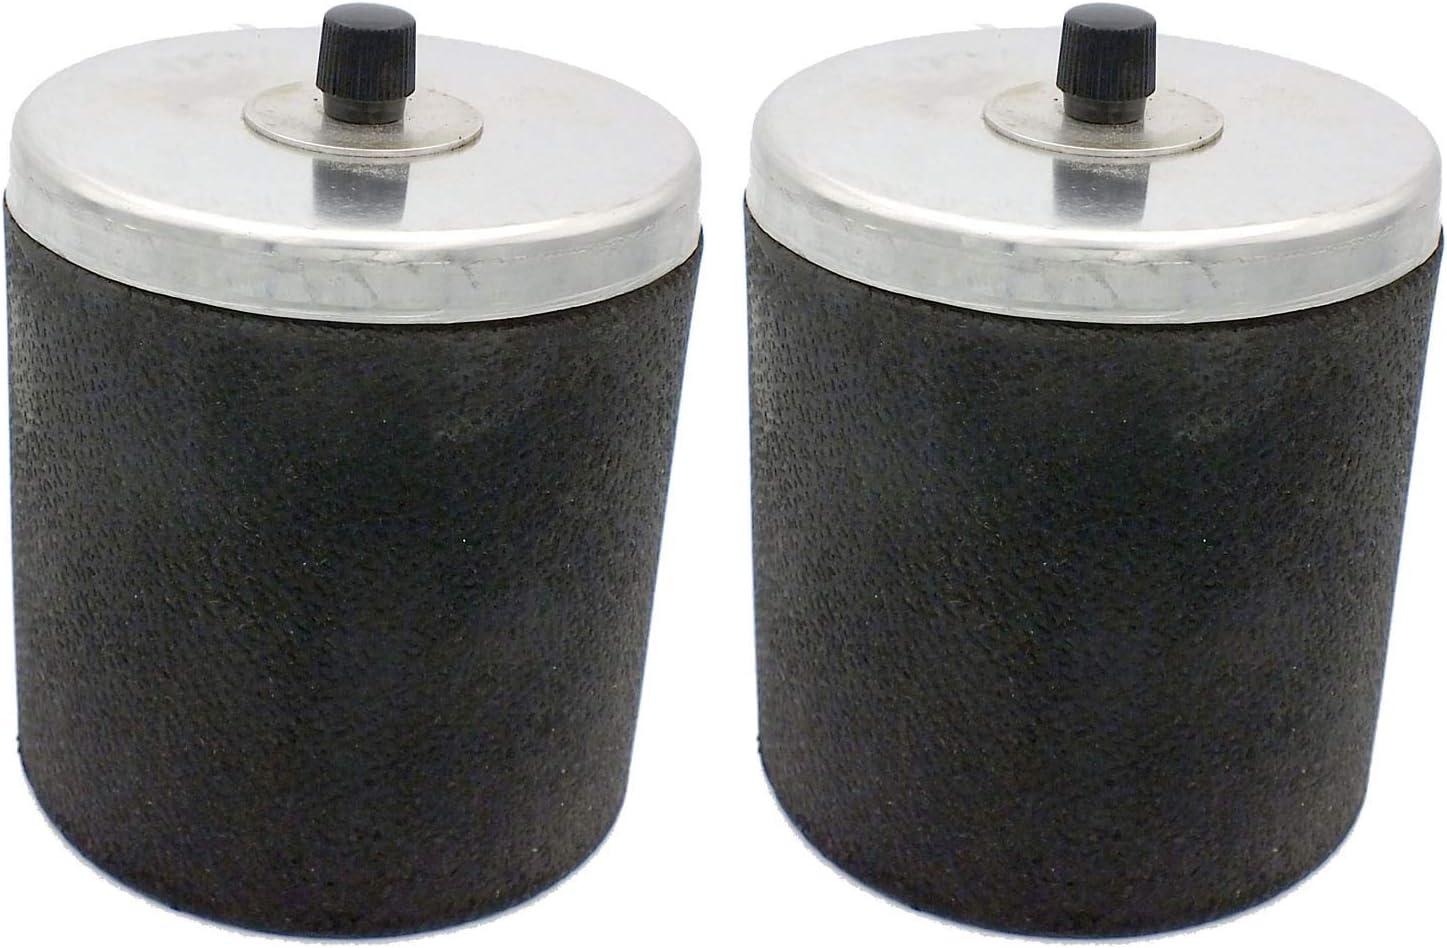 LORTONE TUMBLER DRUM LID GASKET FITS 1.5# /& 3# DRUMS.